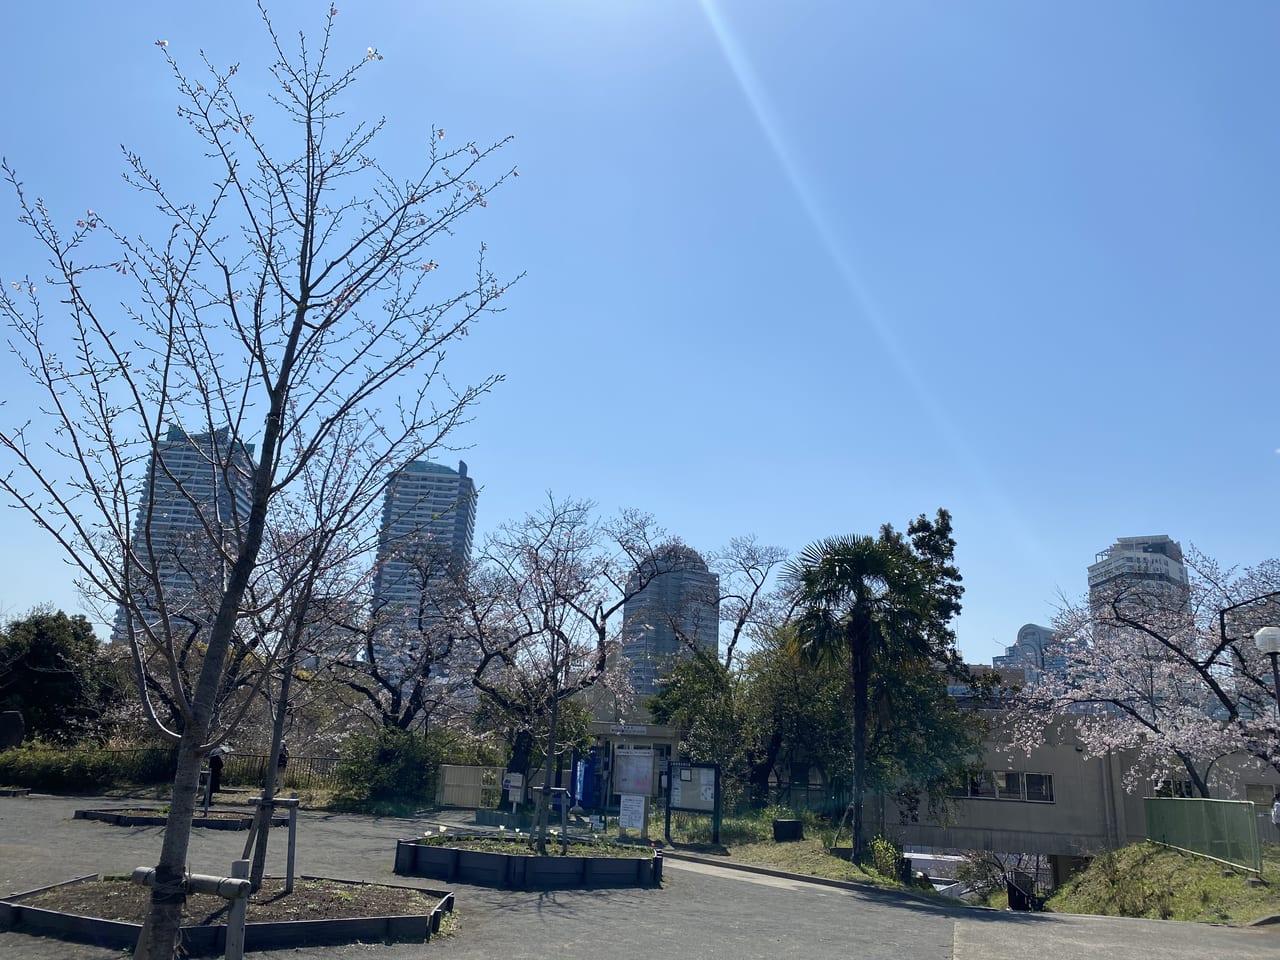 2021年3月23日撮影の幸ヶ谷公園